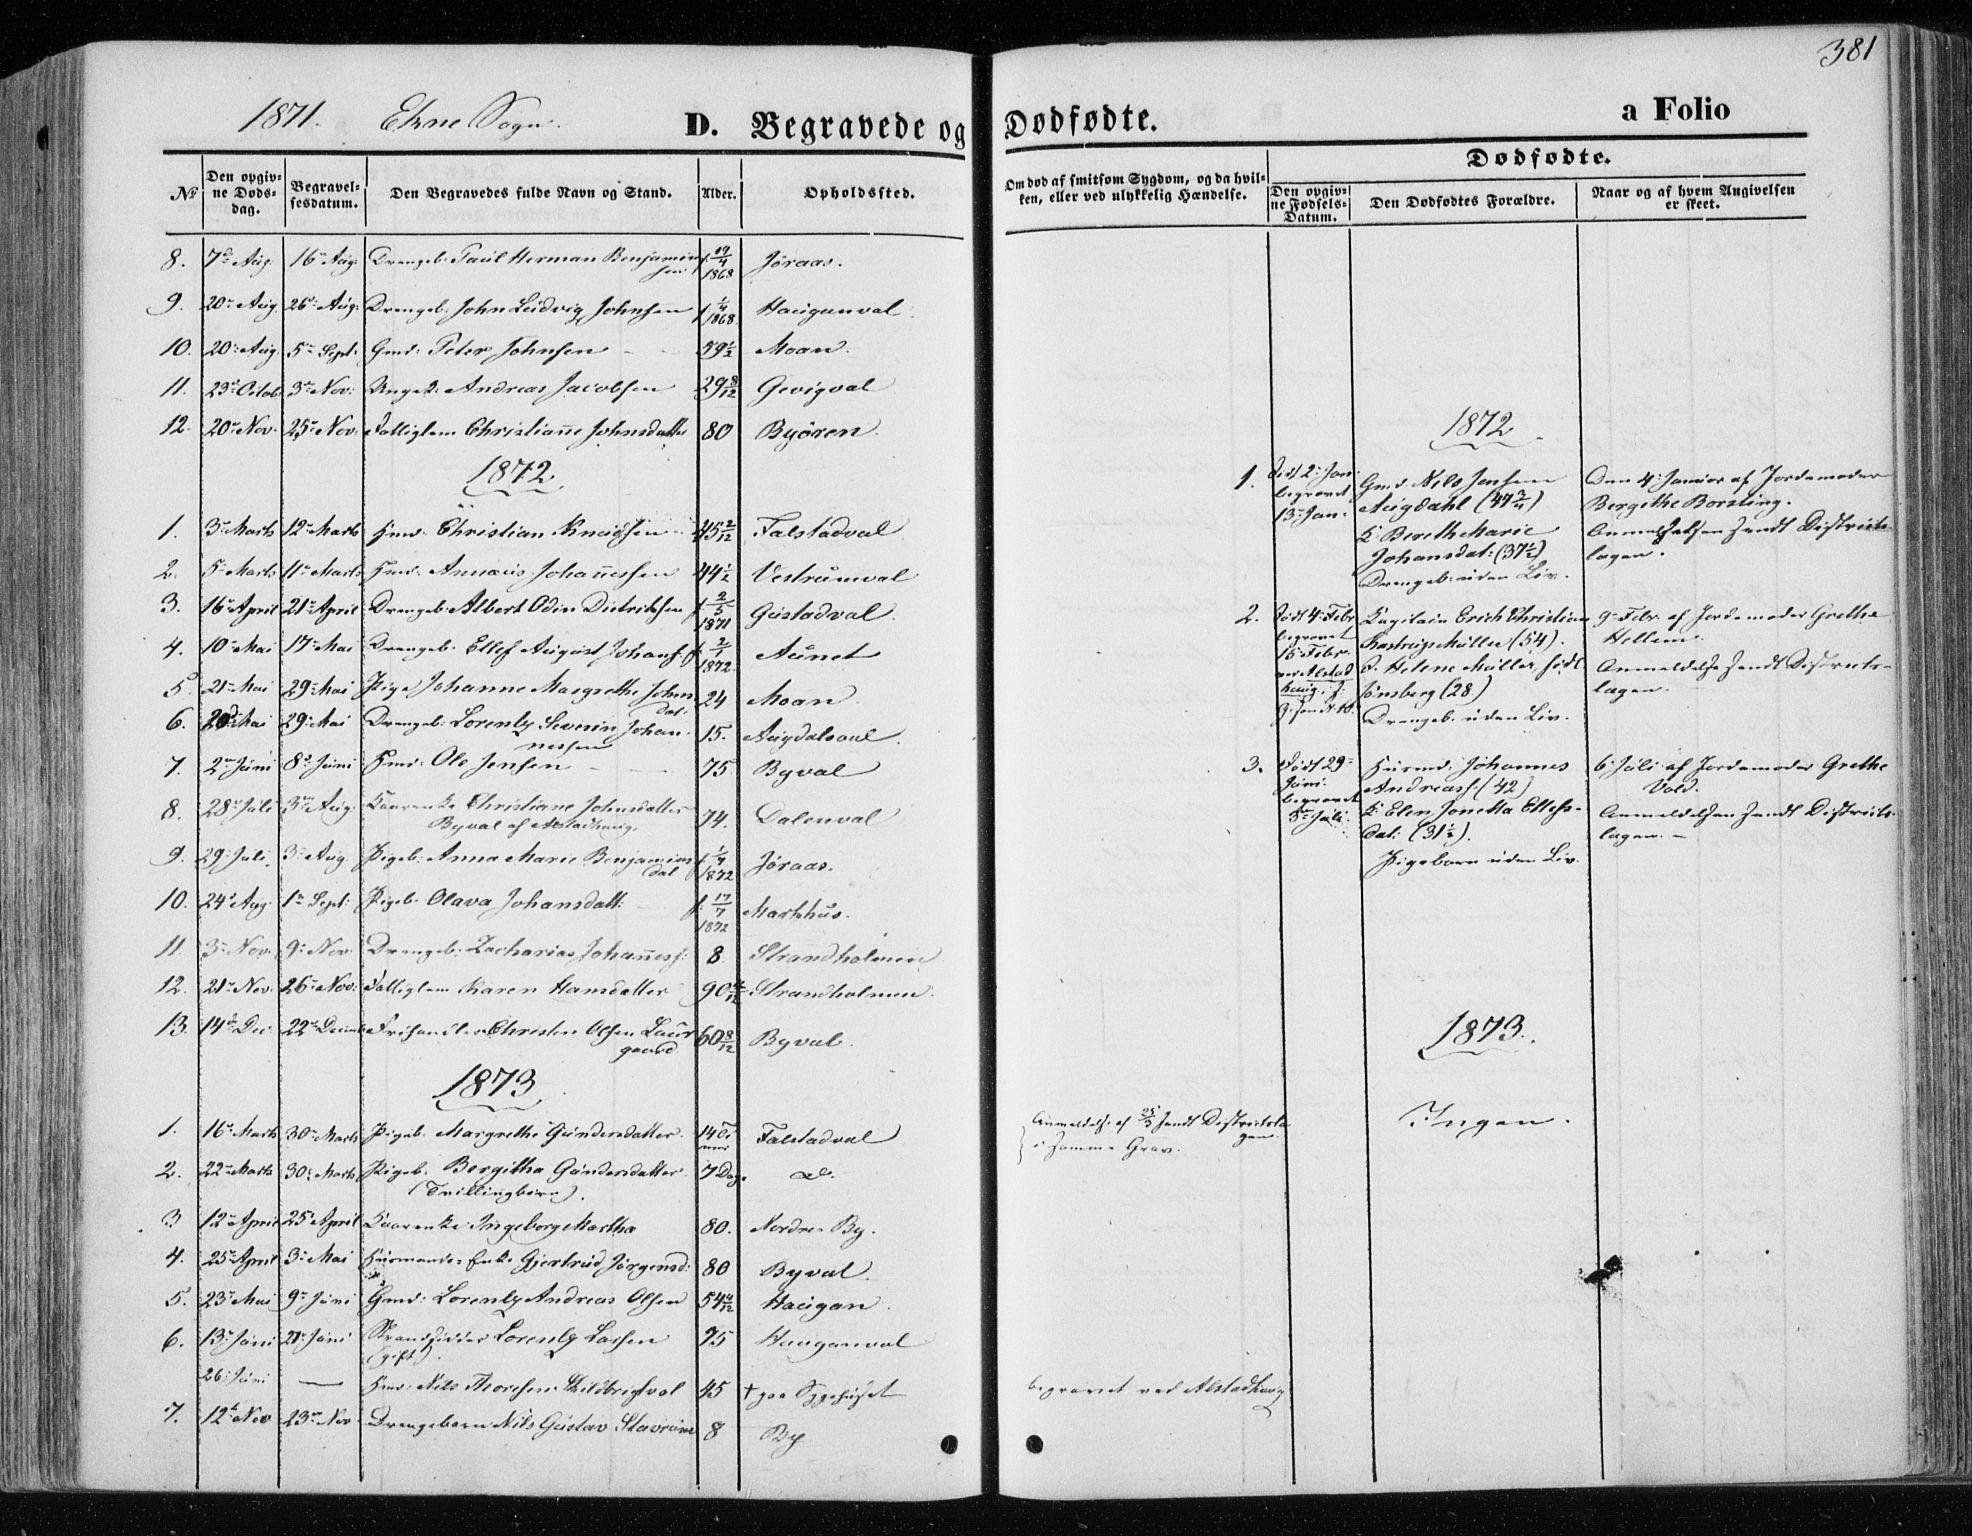 SAT, Ministerialprotokoller, klokkerbøker og fødselsregistre - Nord-Trøndelag, 717/L0158: Ministerialbok nr. 717A08 /2, 1863-1877, s. 381